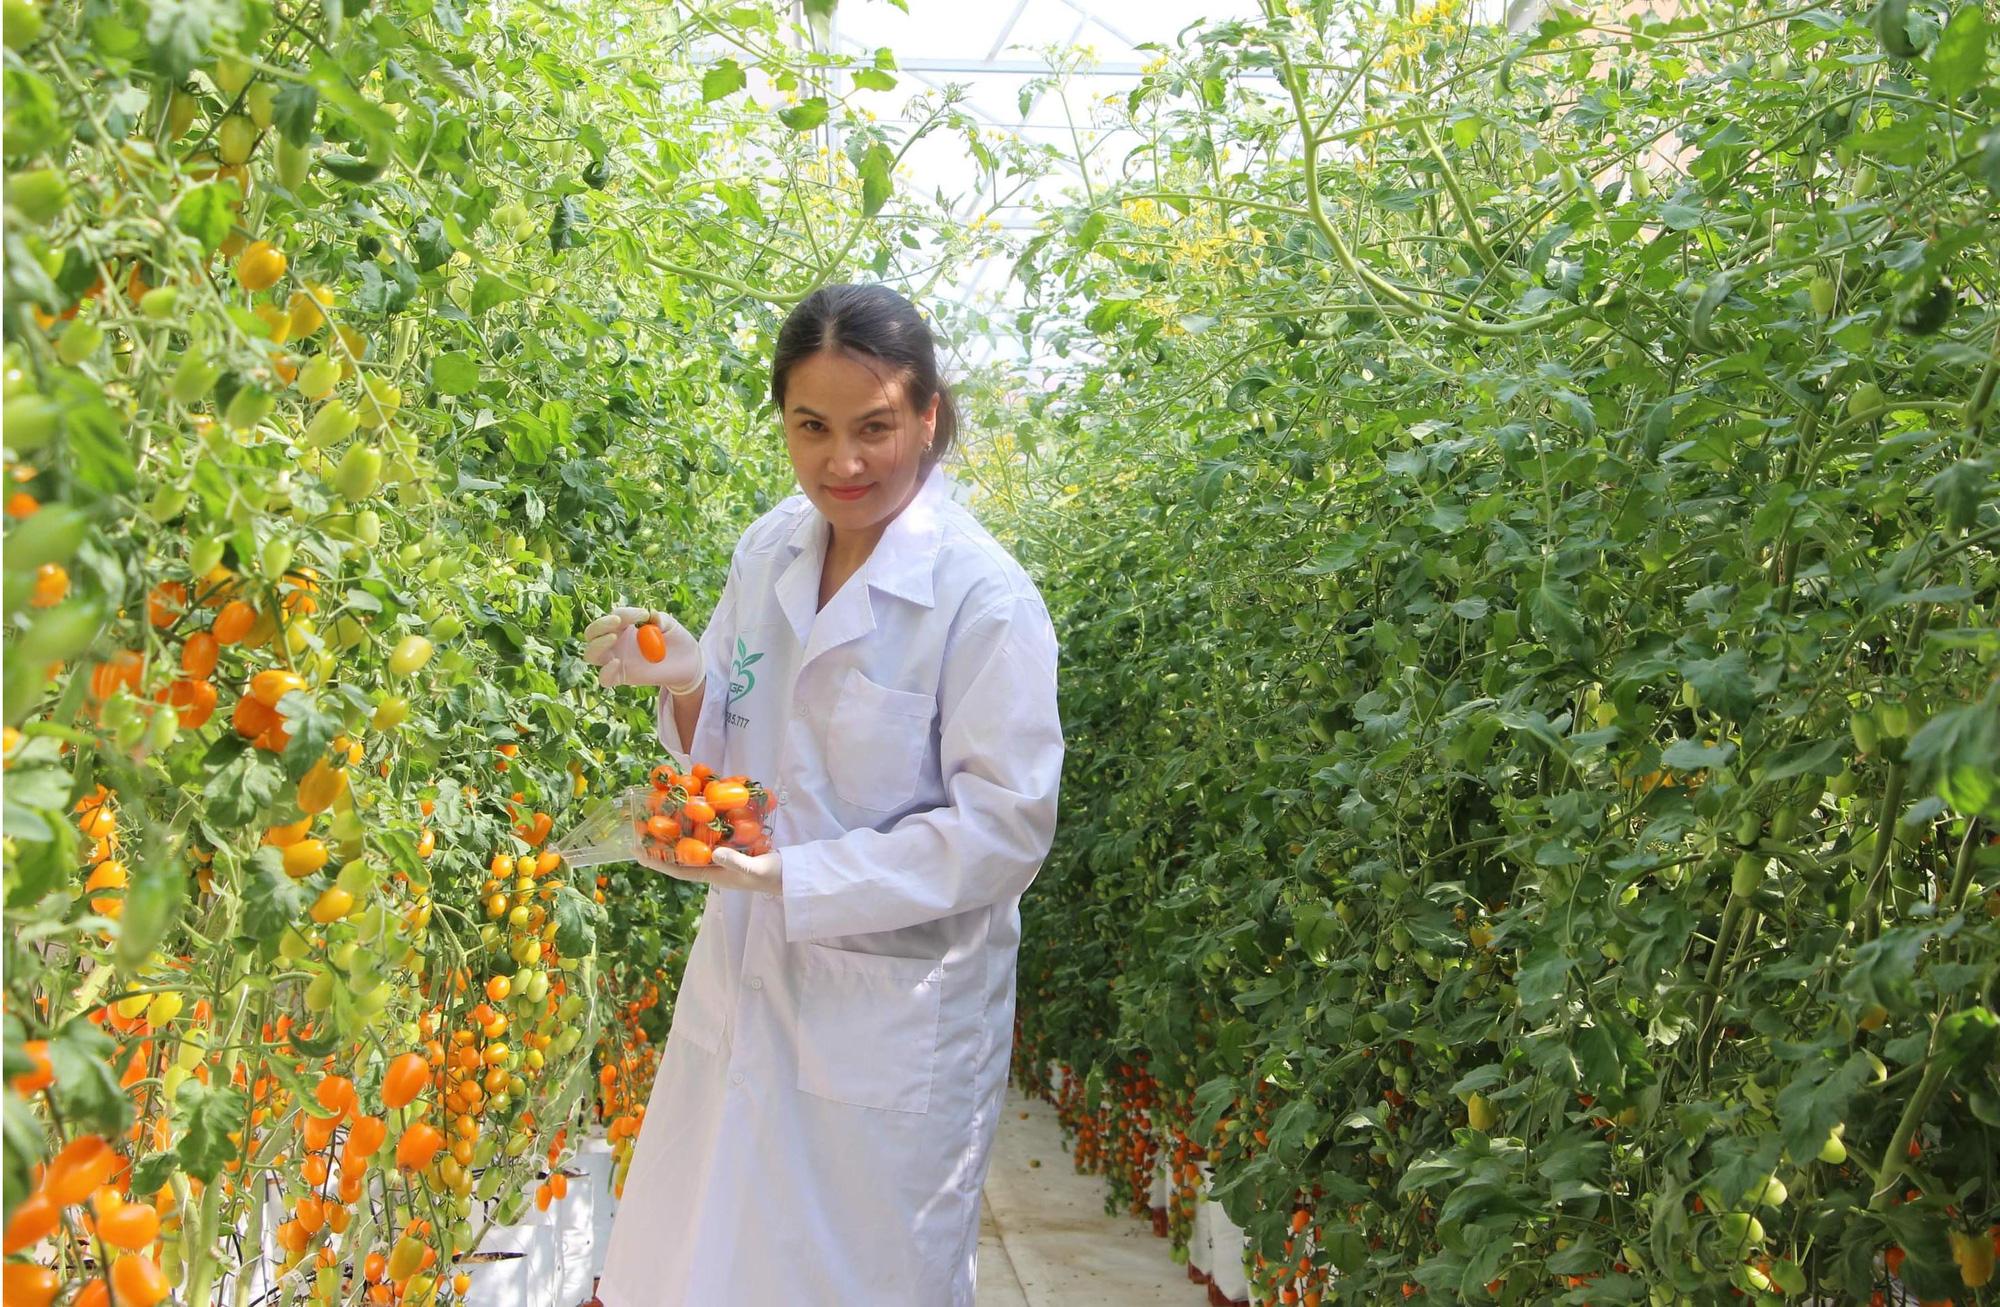 Mê mẩn vườn cà chua Nova công nghệ cao của cô giáo đam mê nông nghiệp sạch - Ảnh 1.